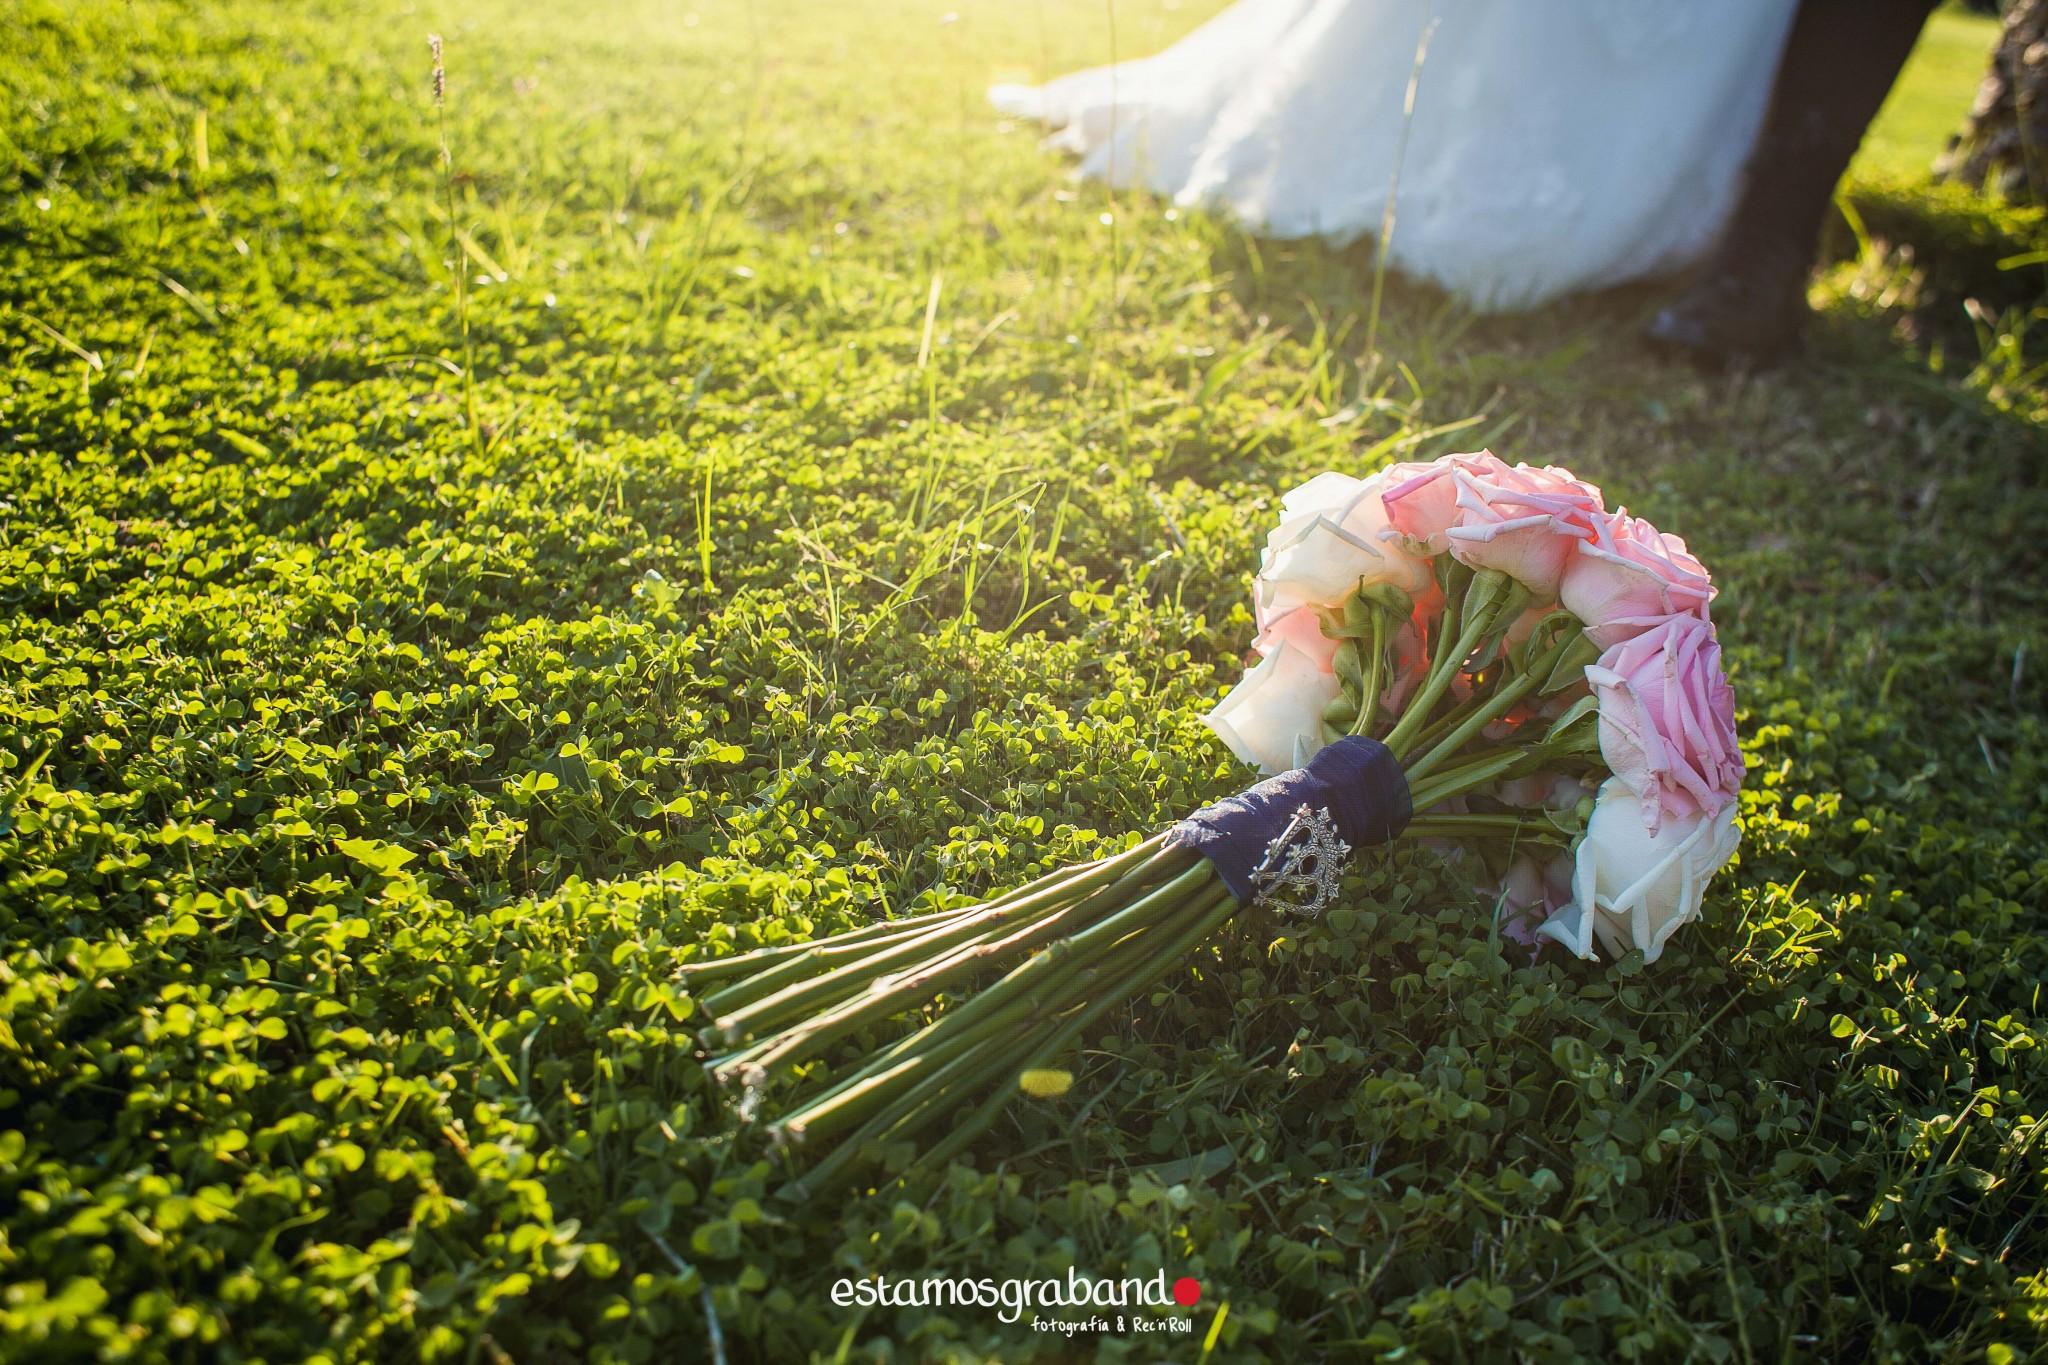 vee-y-juan_boda-escocesa-10 La boda de Braveheart (Spanish version)_Vee & Juan - video boda cadiz